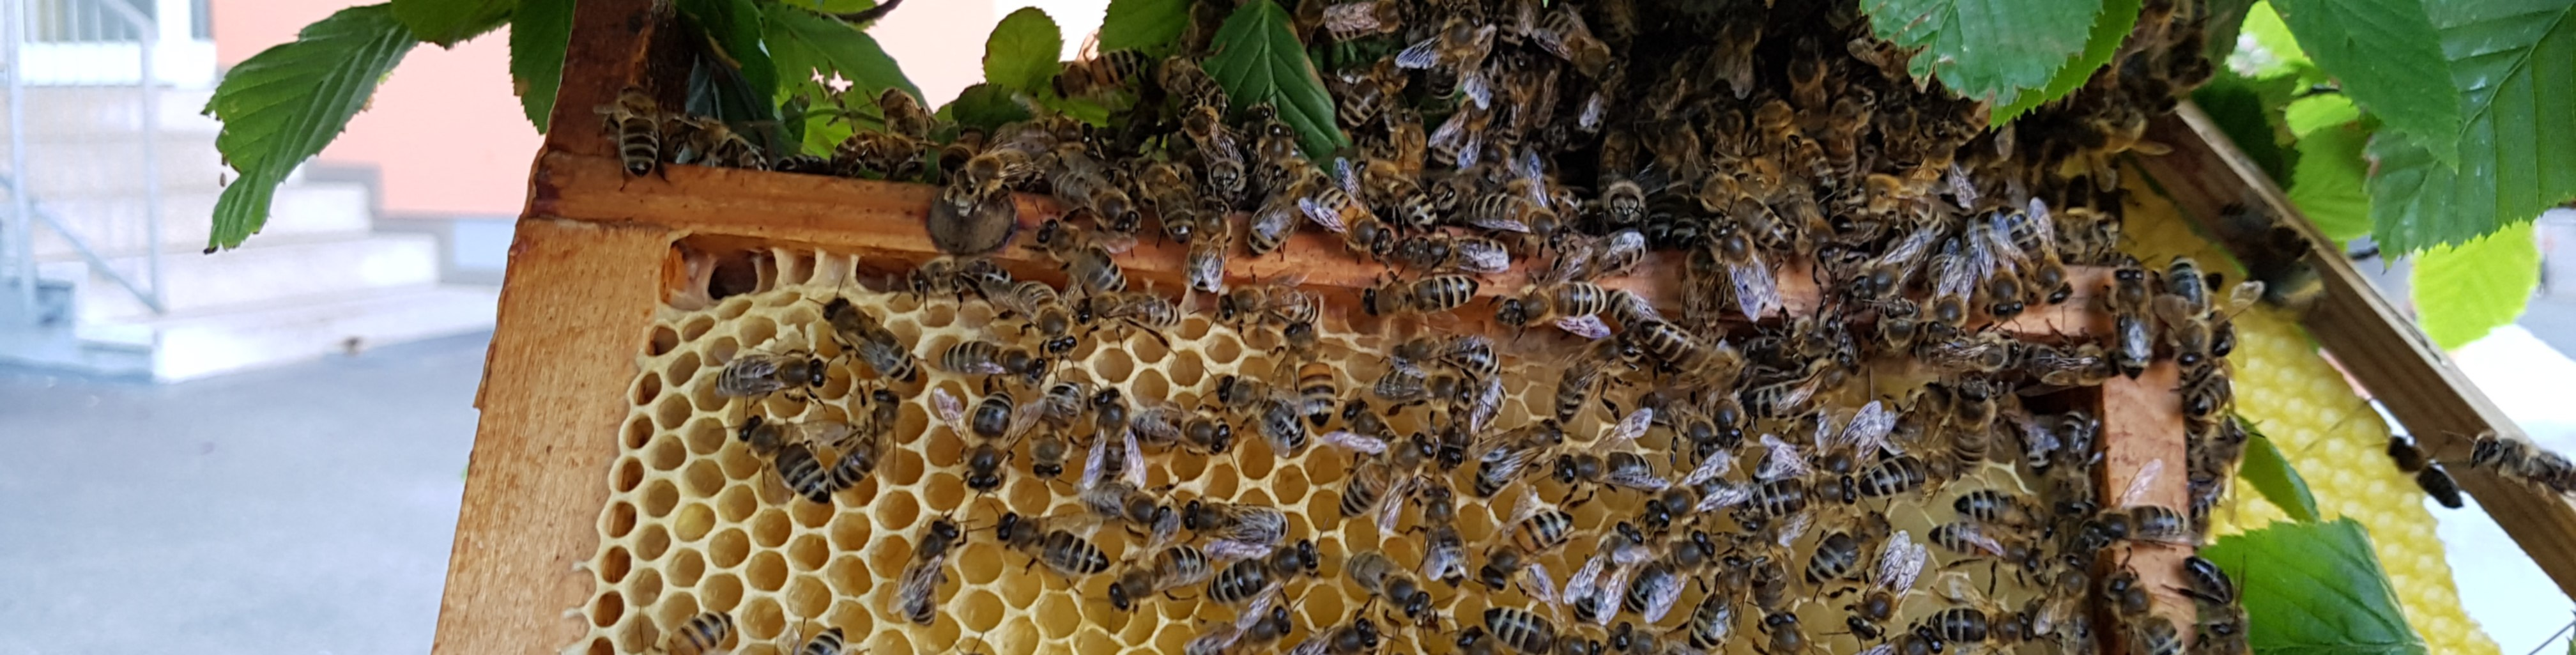 Bienenschwarm in Nürnberg-Schweinau - Beitragsbild